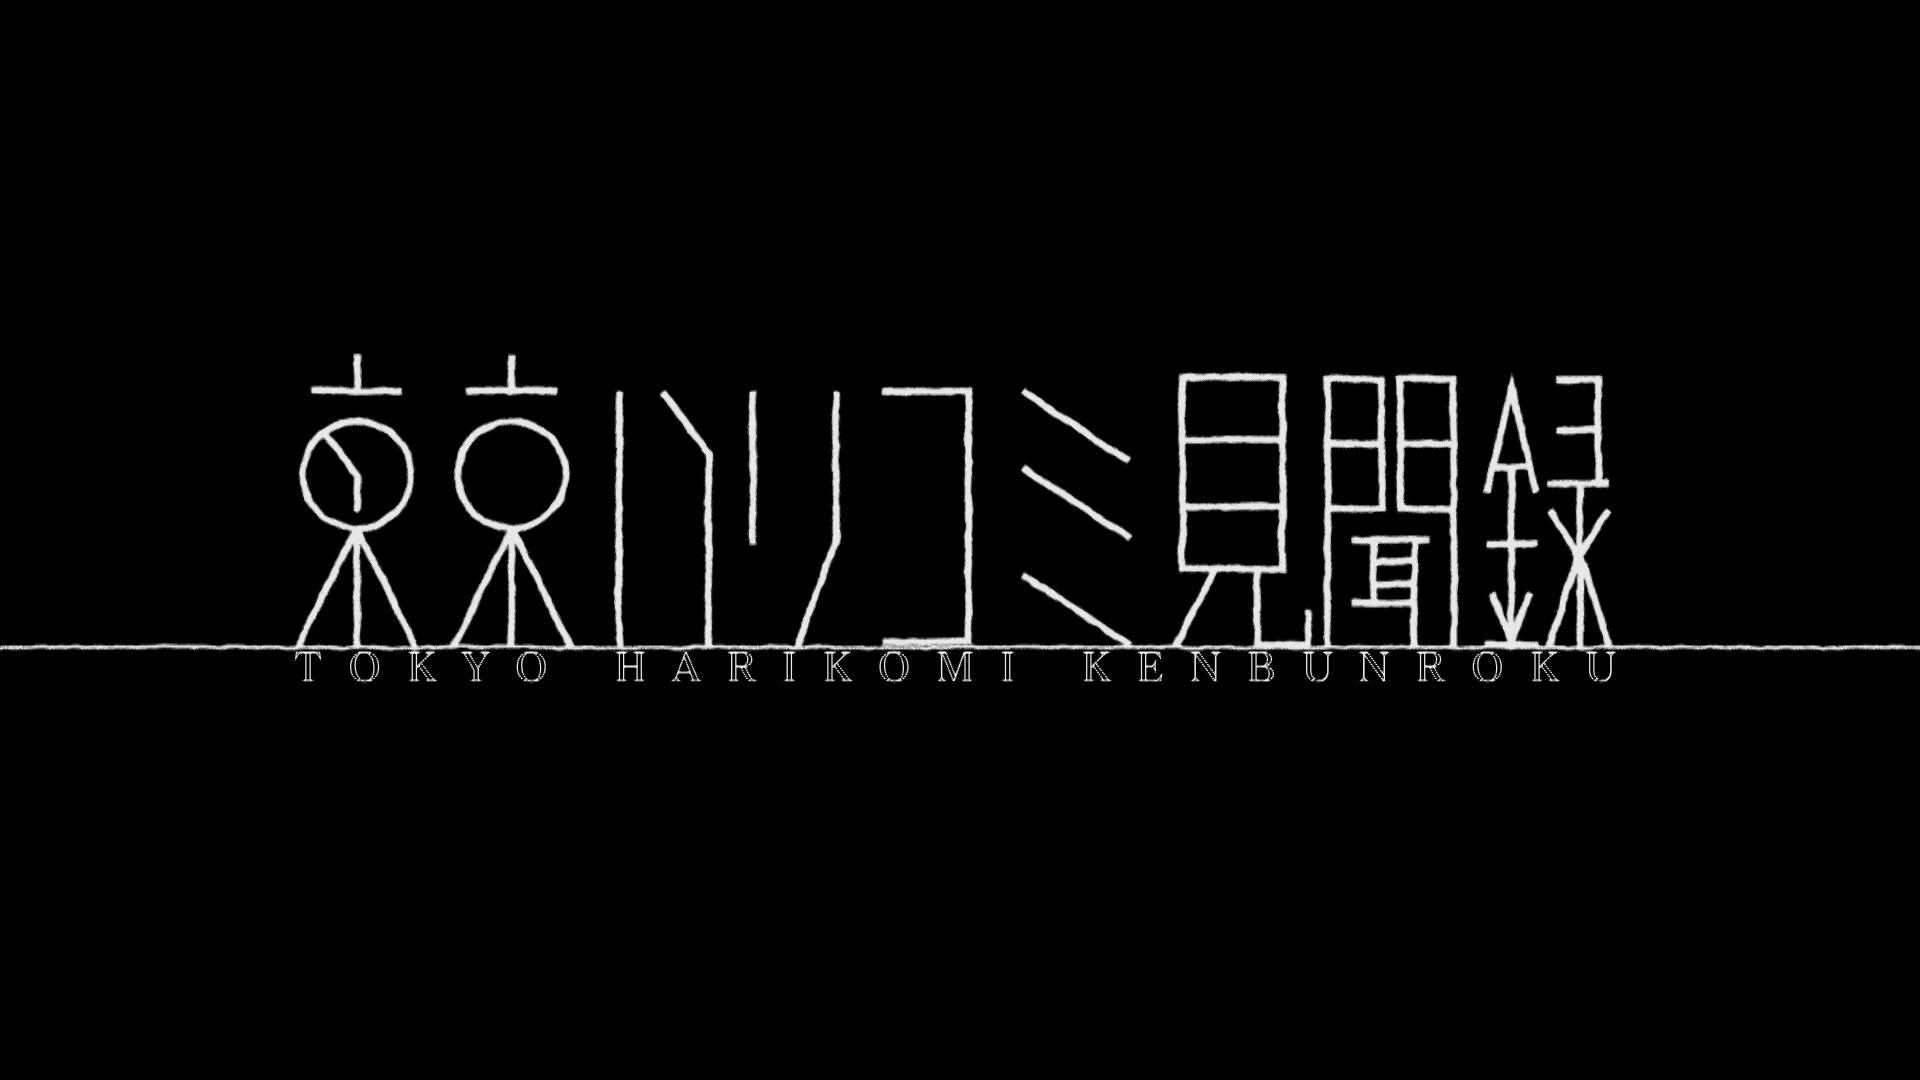 2月9日(土)25:45 O.A. <br>フジテレビ「東京ハリコミ見聞録」